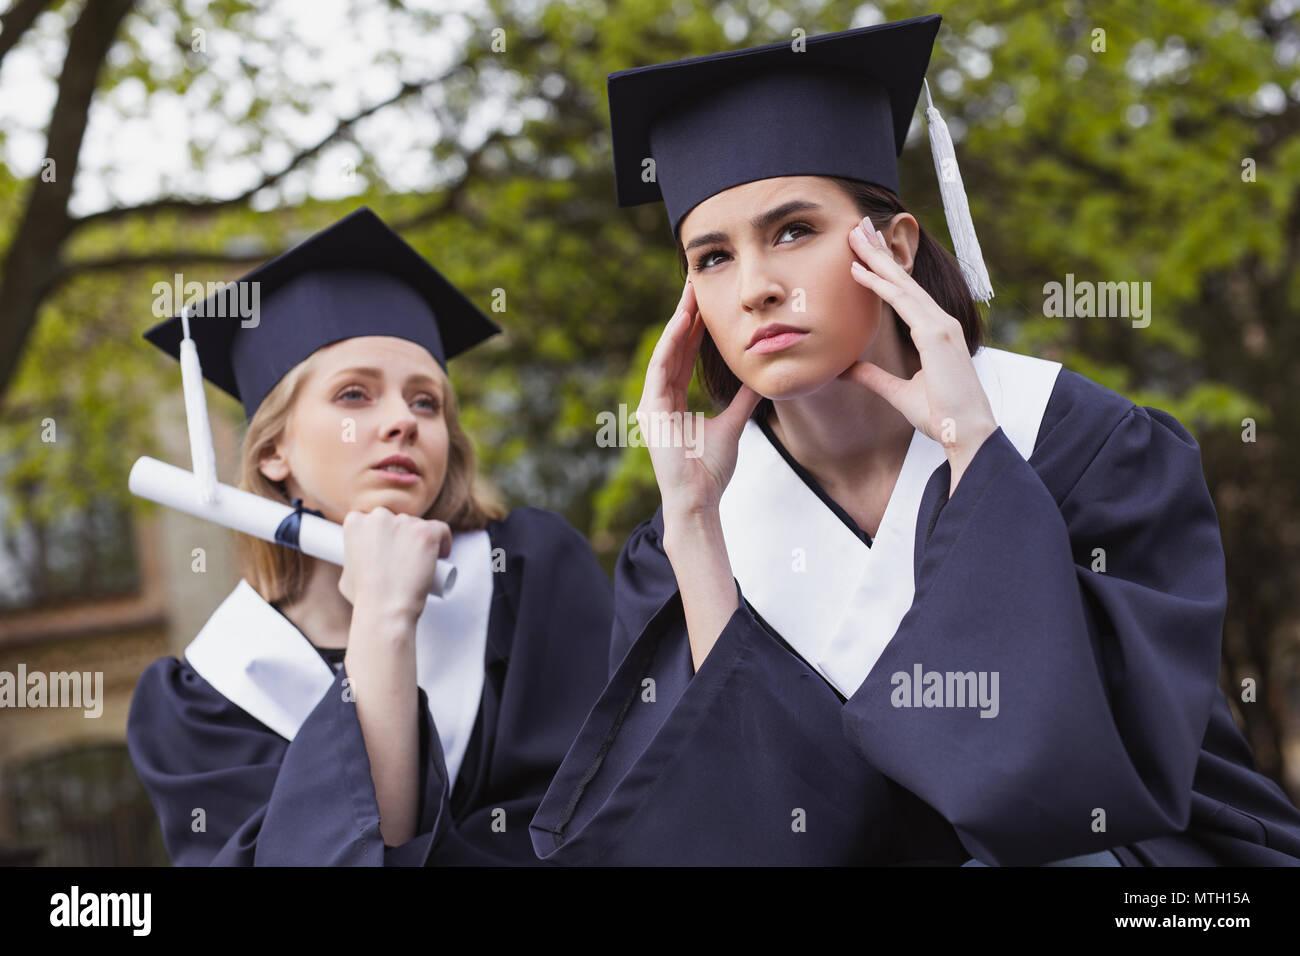 Zwei Studenten fühlen sich verloren nach dem Studium Stockbild